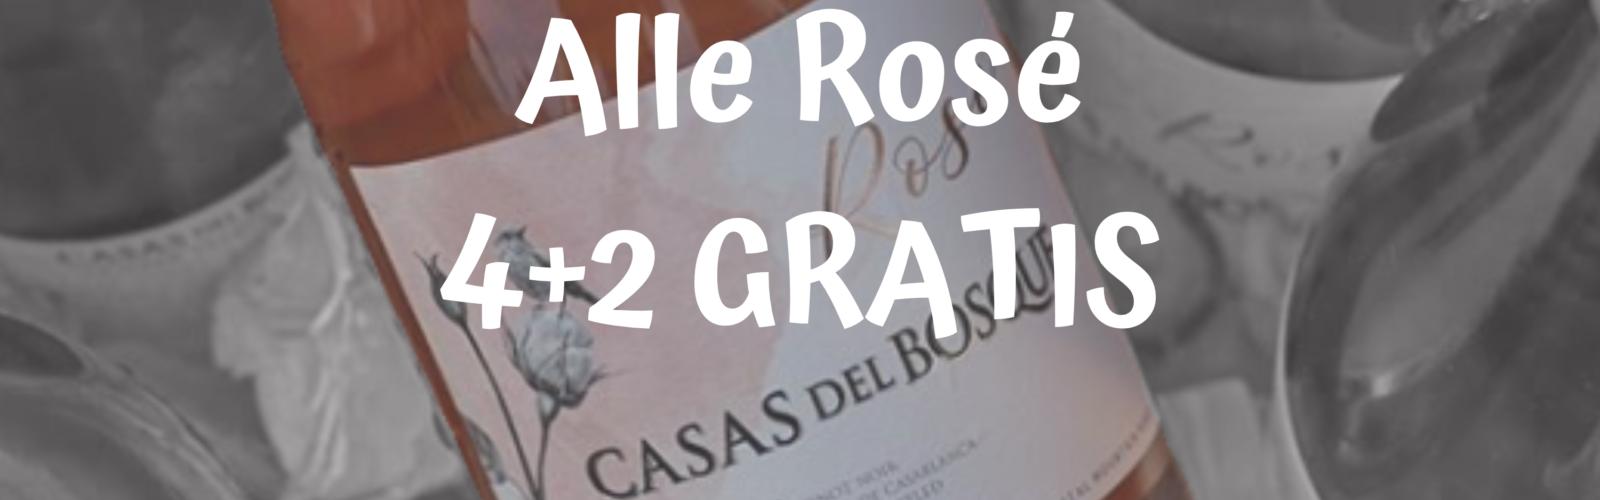 Alle Rosé 42 GRATIS 2